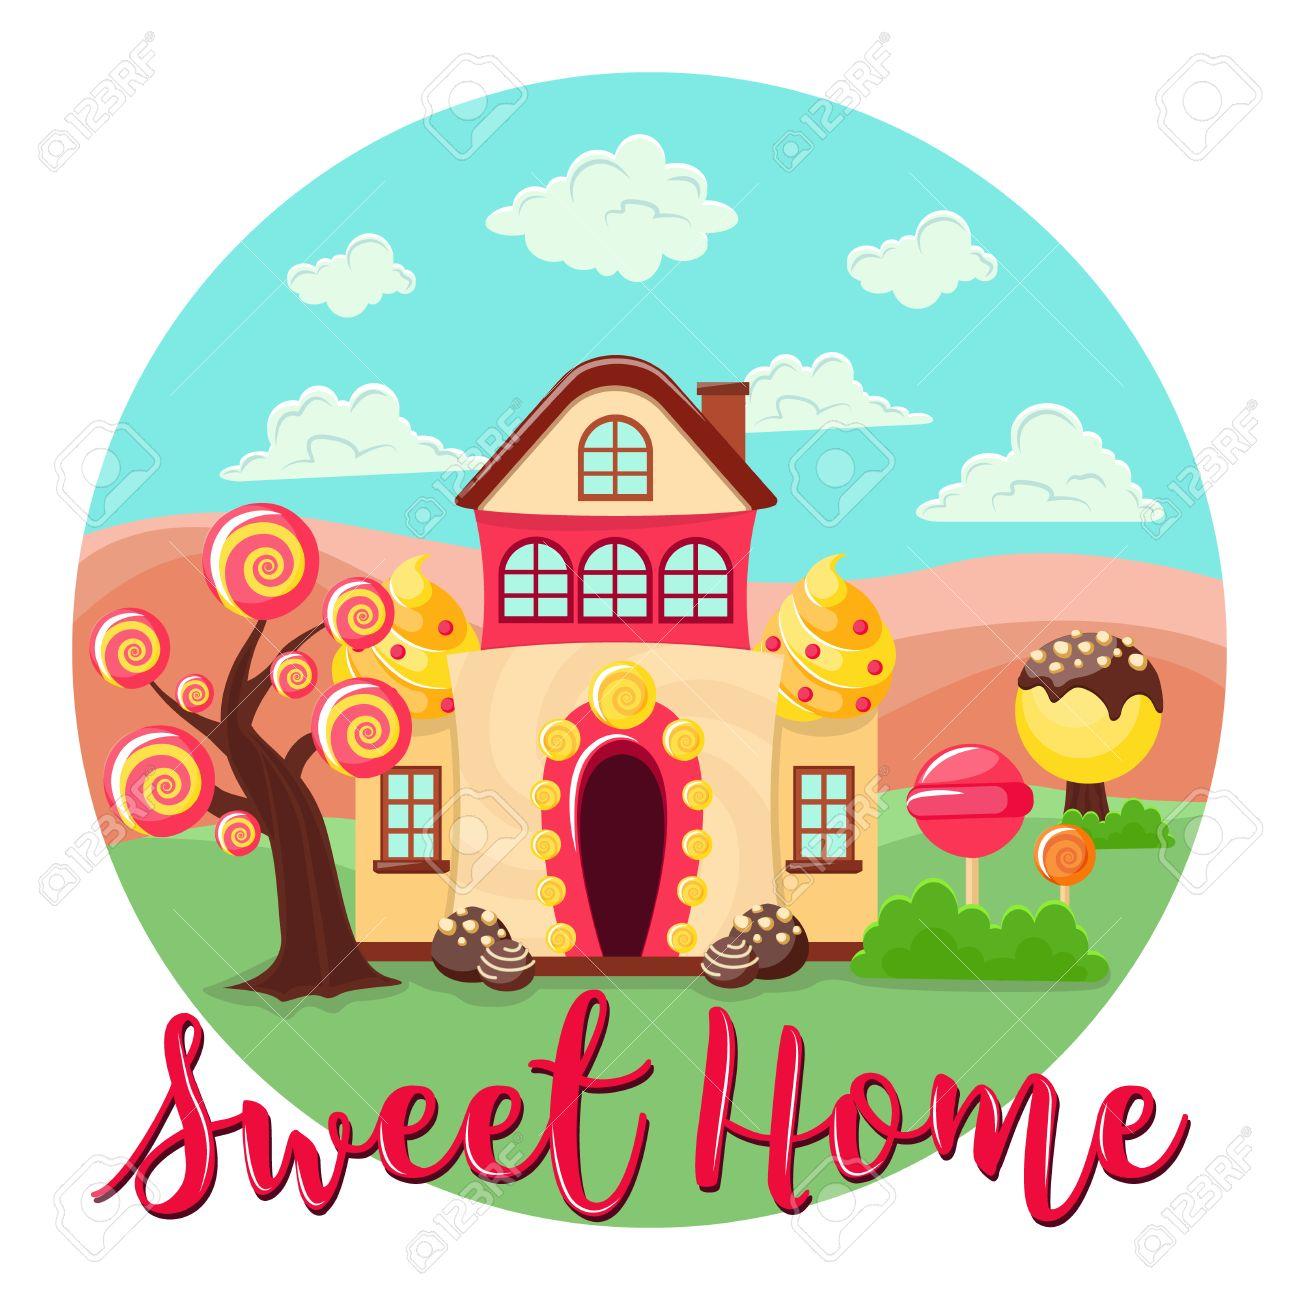 Banque dimages composition de cercle avec une maison de dessin animé faite de bonbons et de fantastiques arbres à bonbons paysage et illustration de